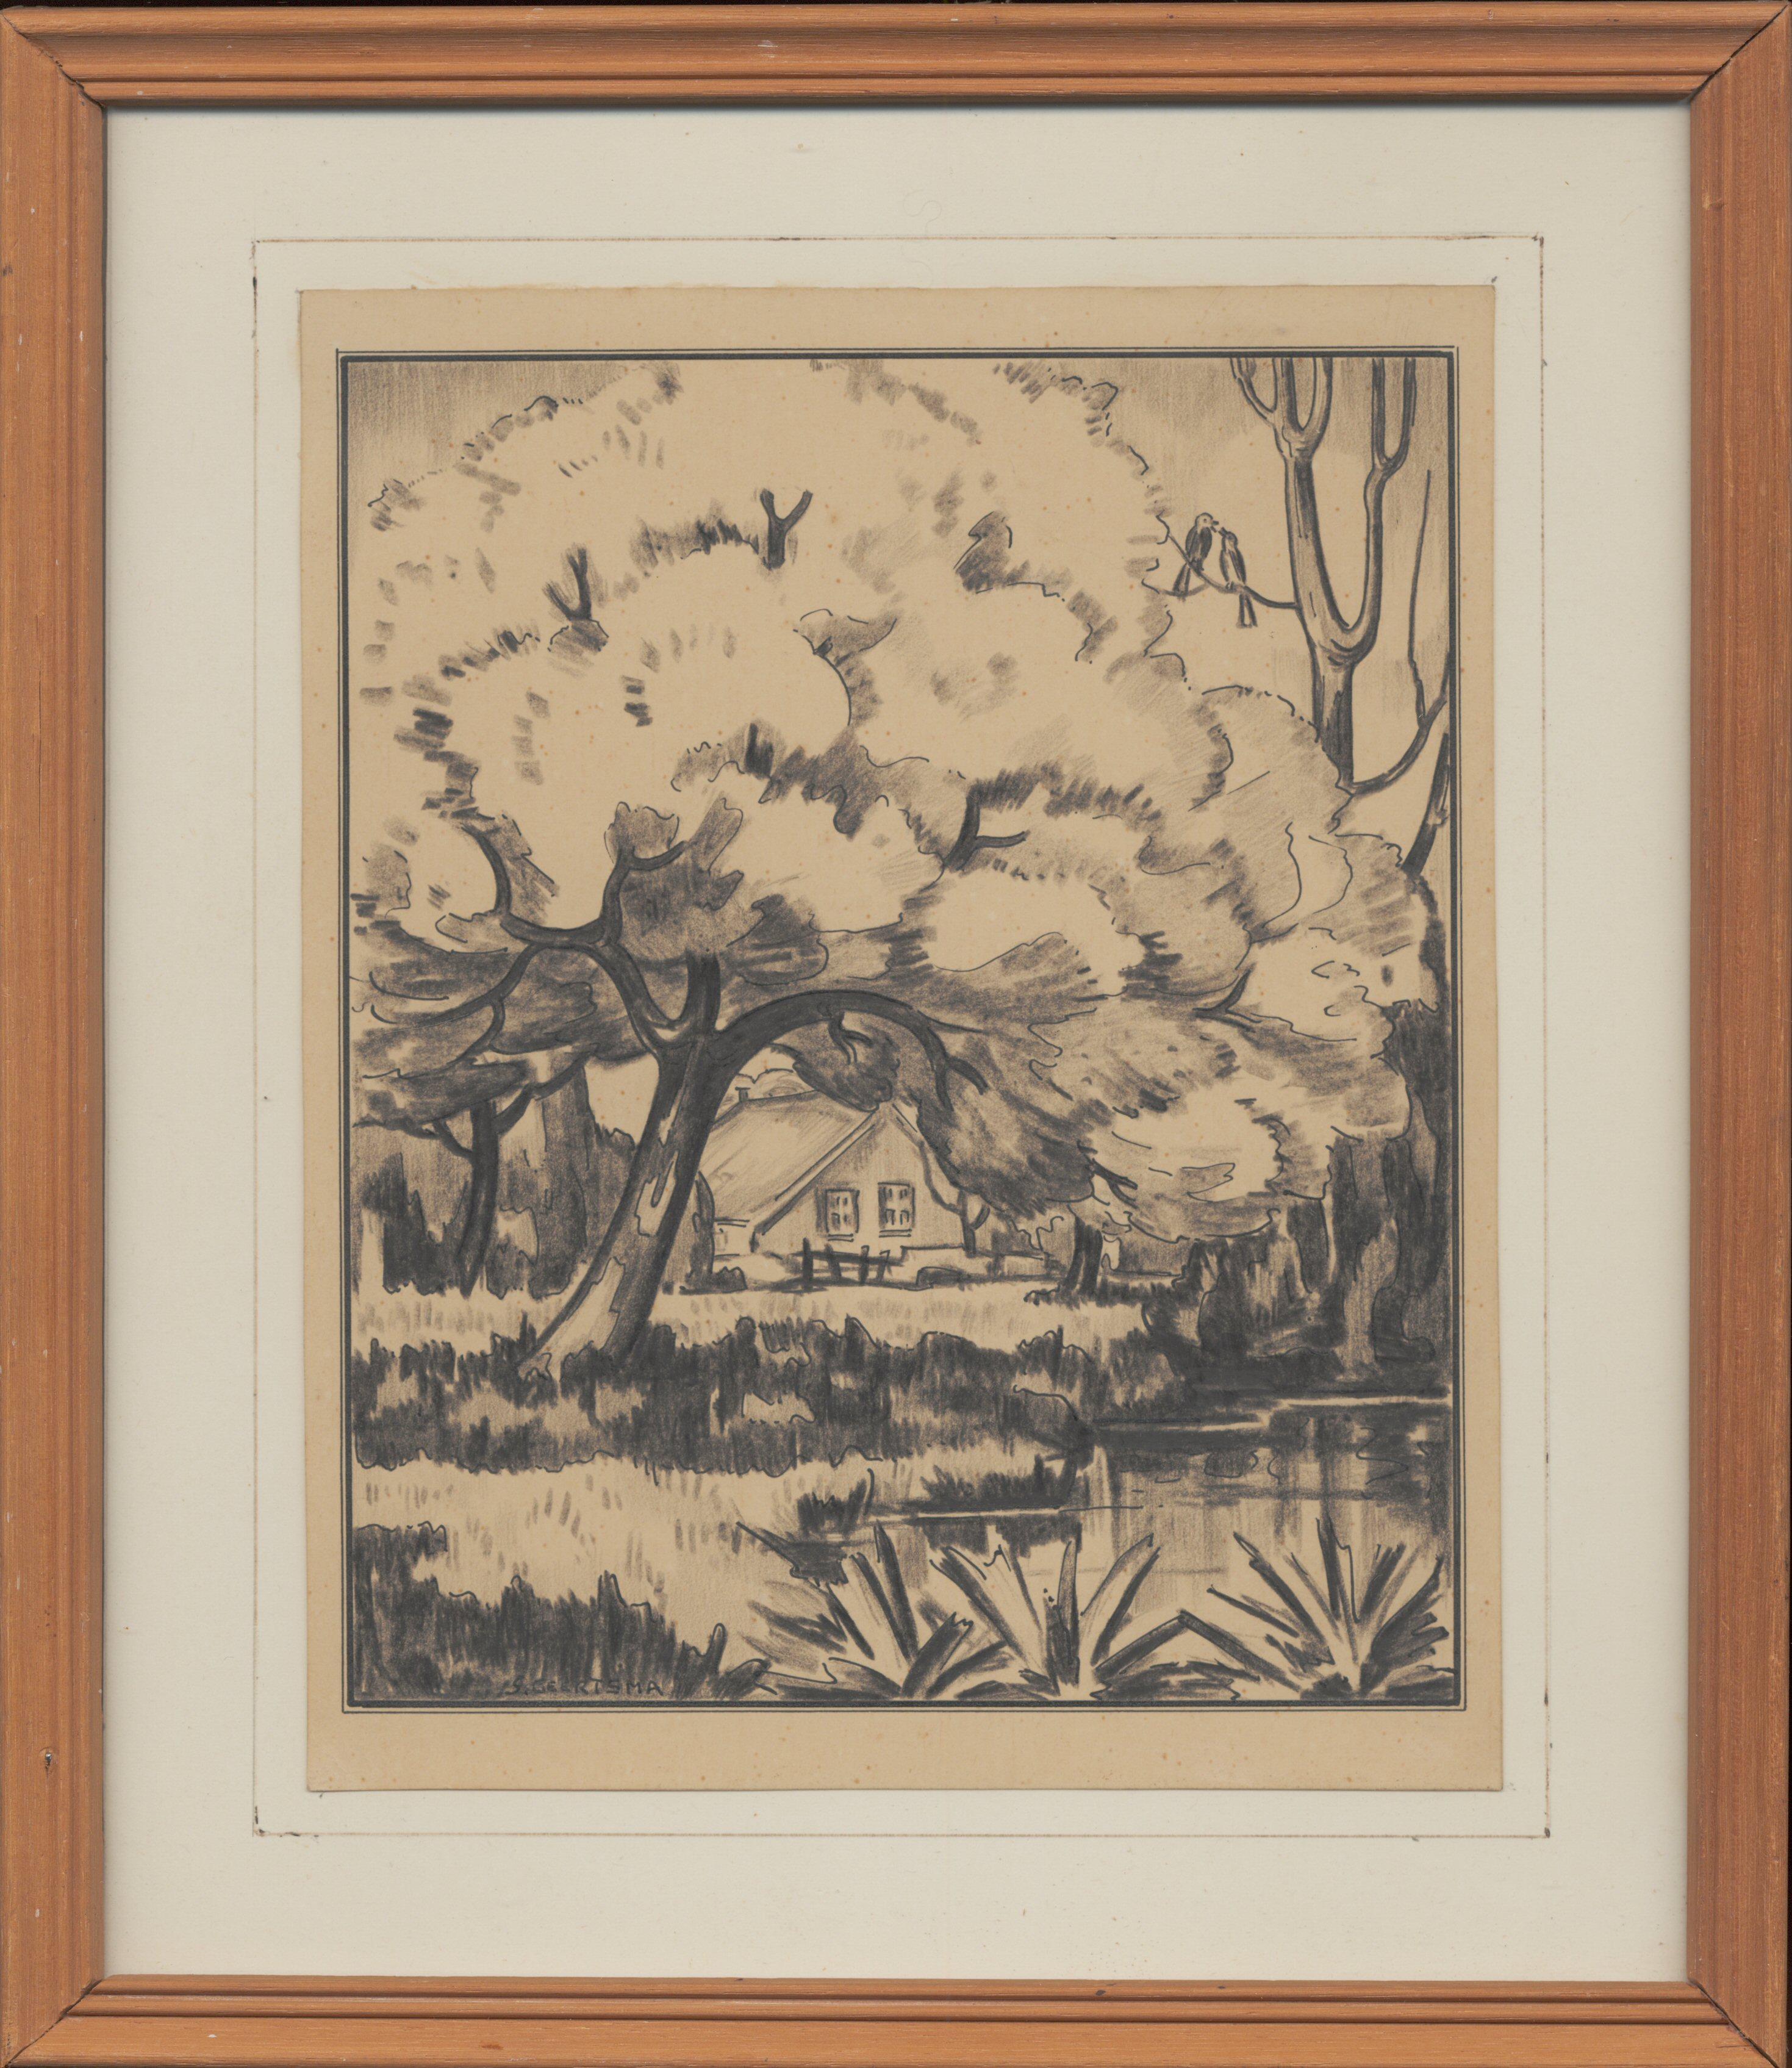 Landschap met boerderijtje, 1945